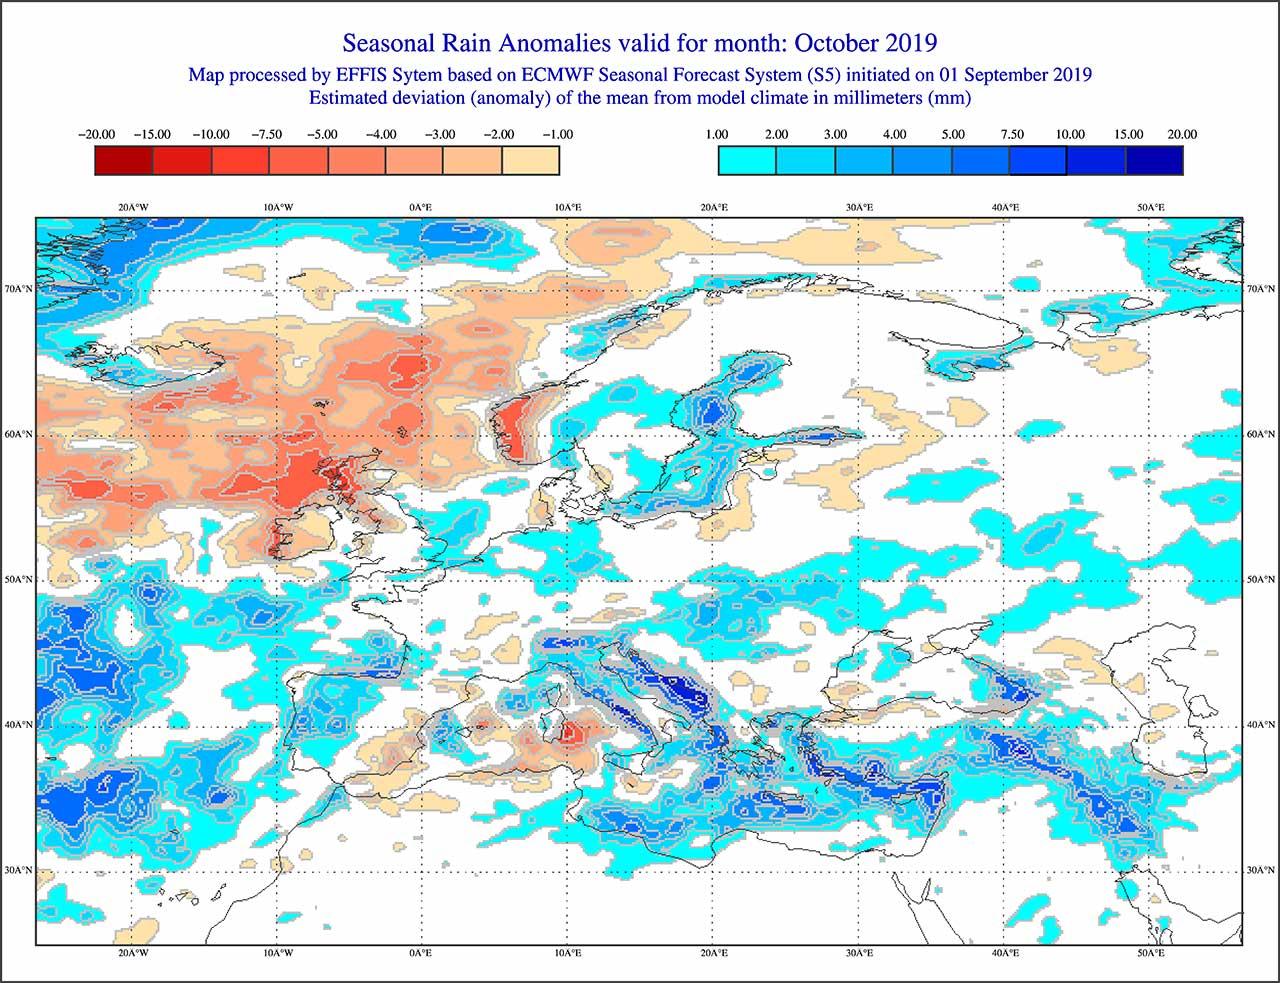 Anomalie di precipitazione previste dal modello ECMWF per ottobre 2019 - effis.jrc.ec.europa.eu